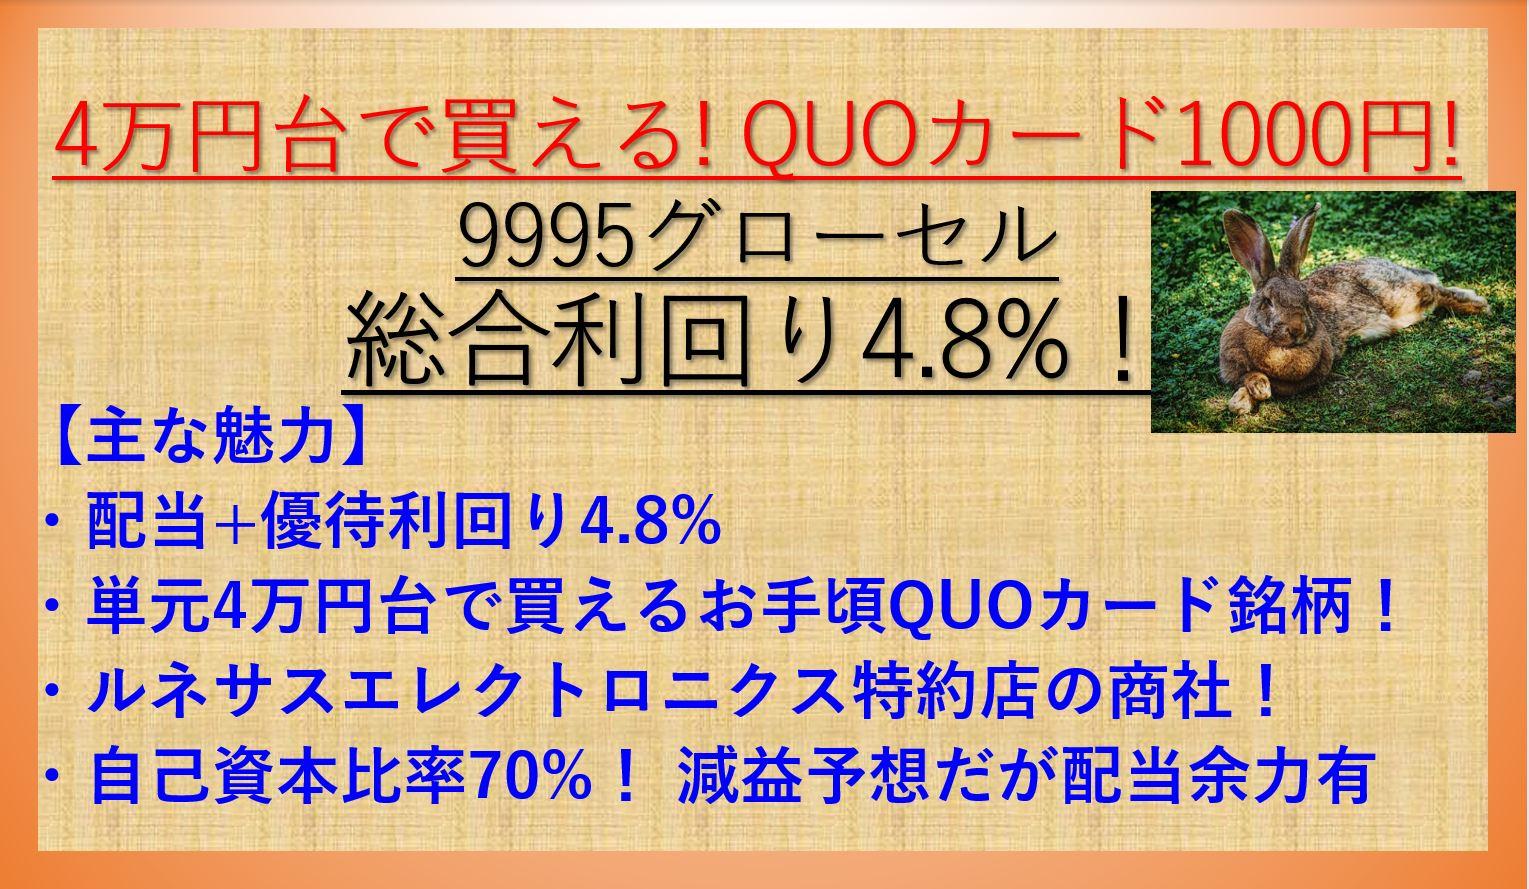 9995-グローセル-アイキャッチ